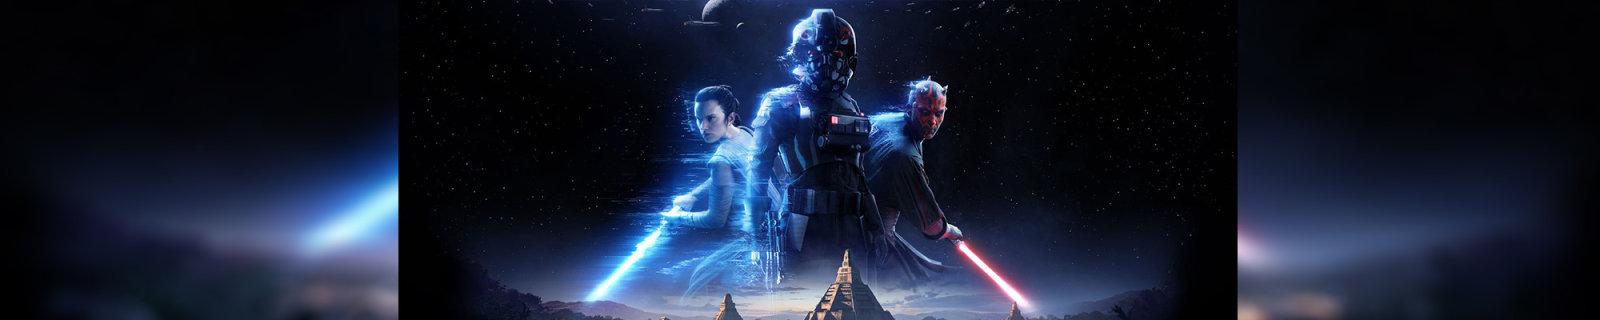 《星球大战 战场前线2》多人测试即将开启,包含三种模式